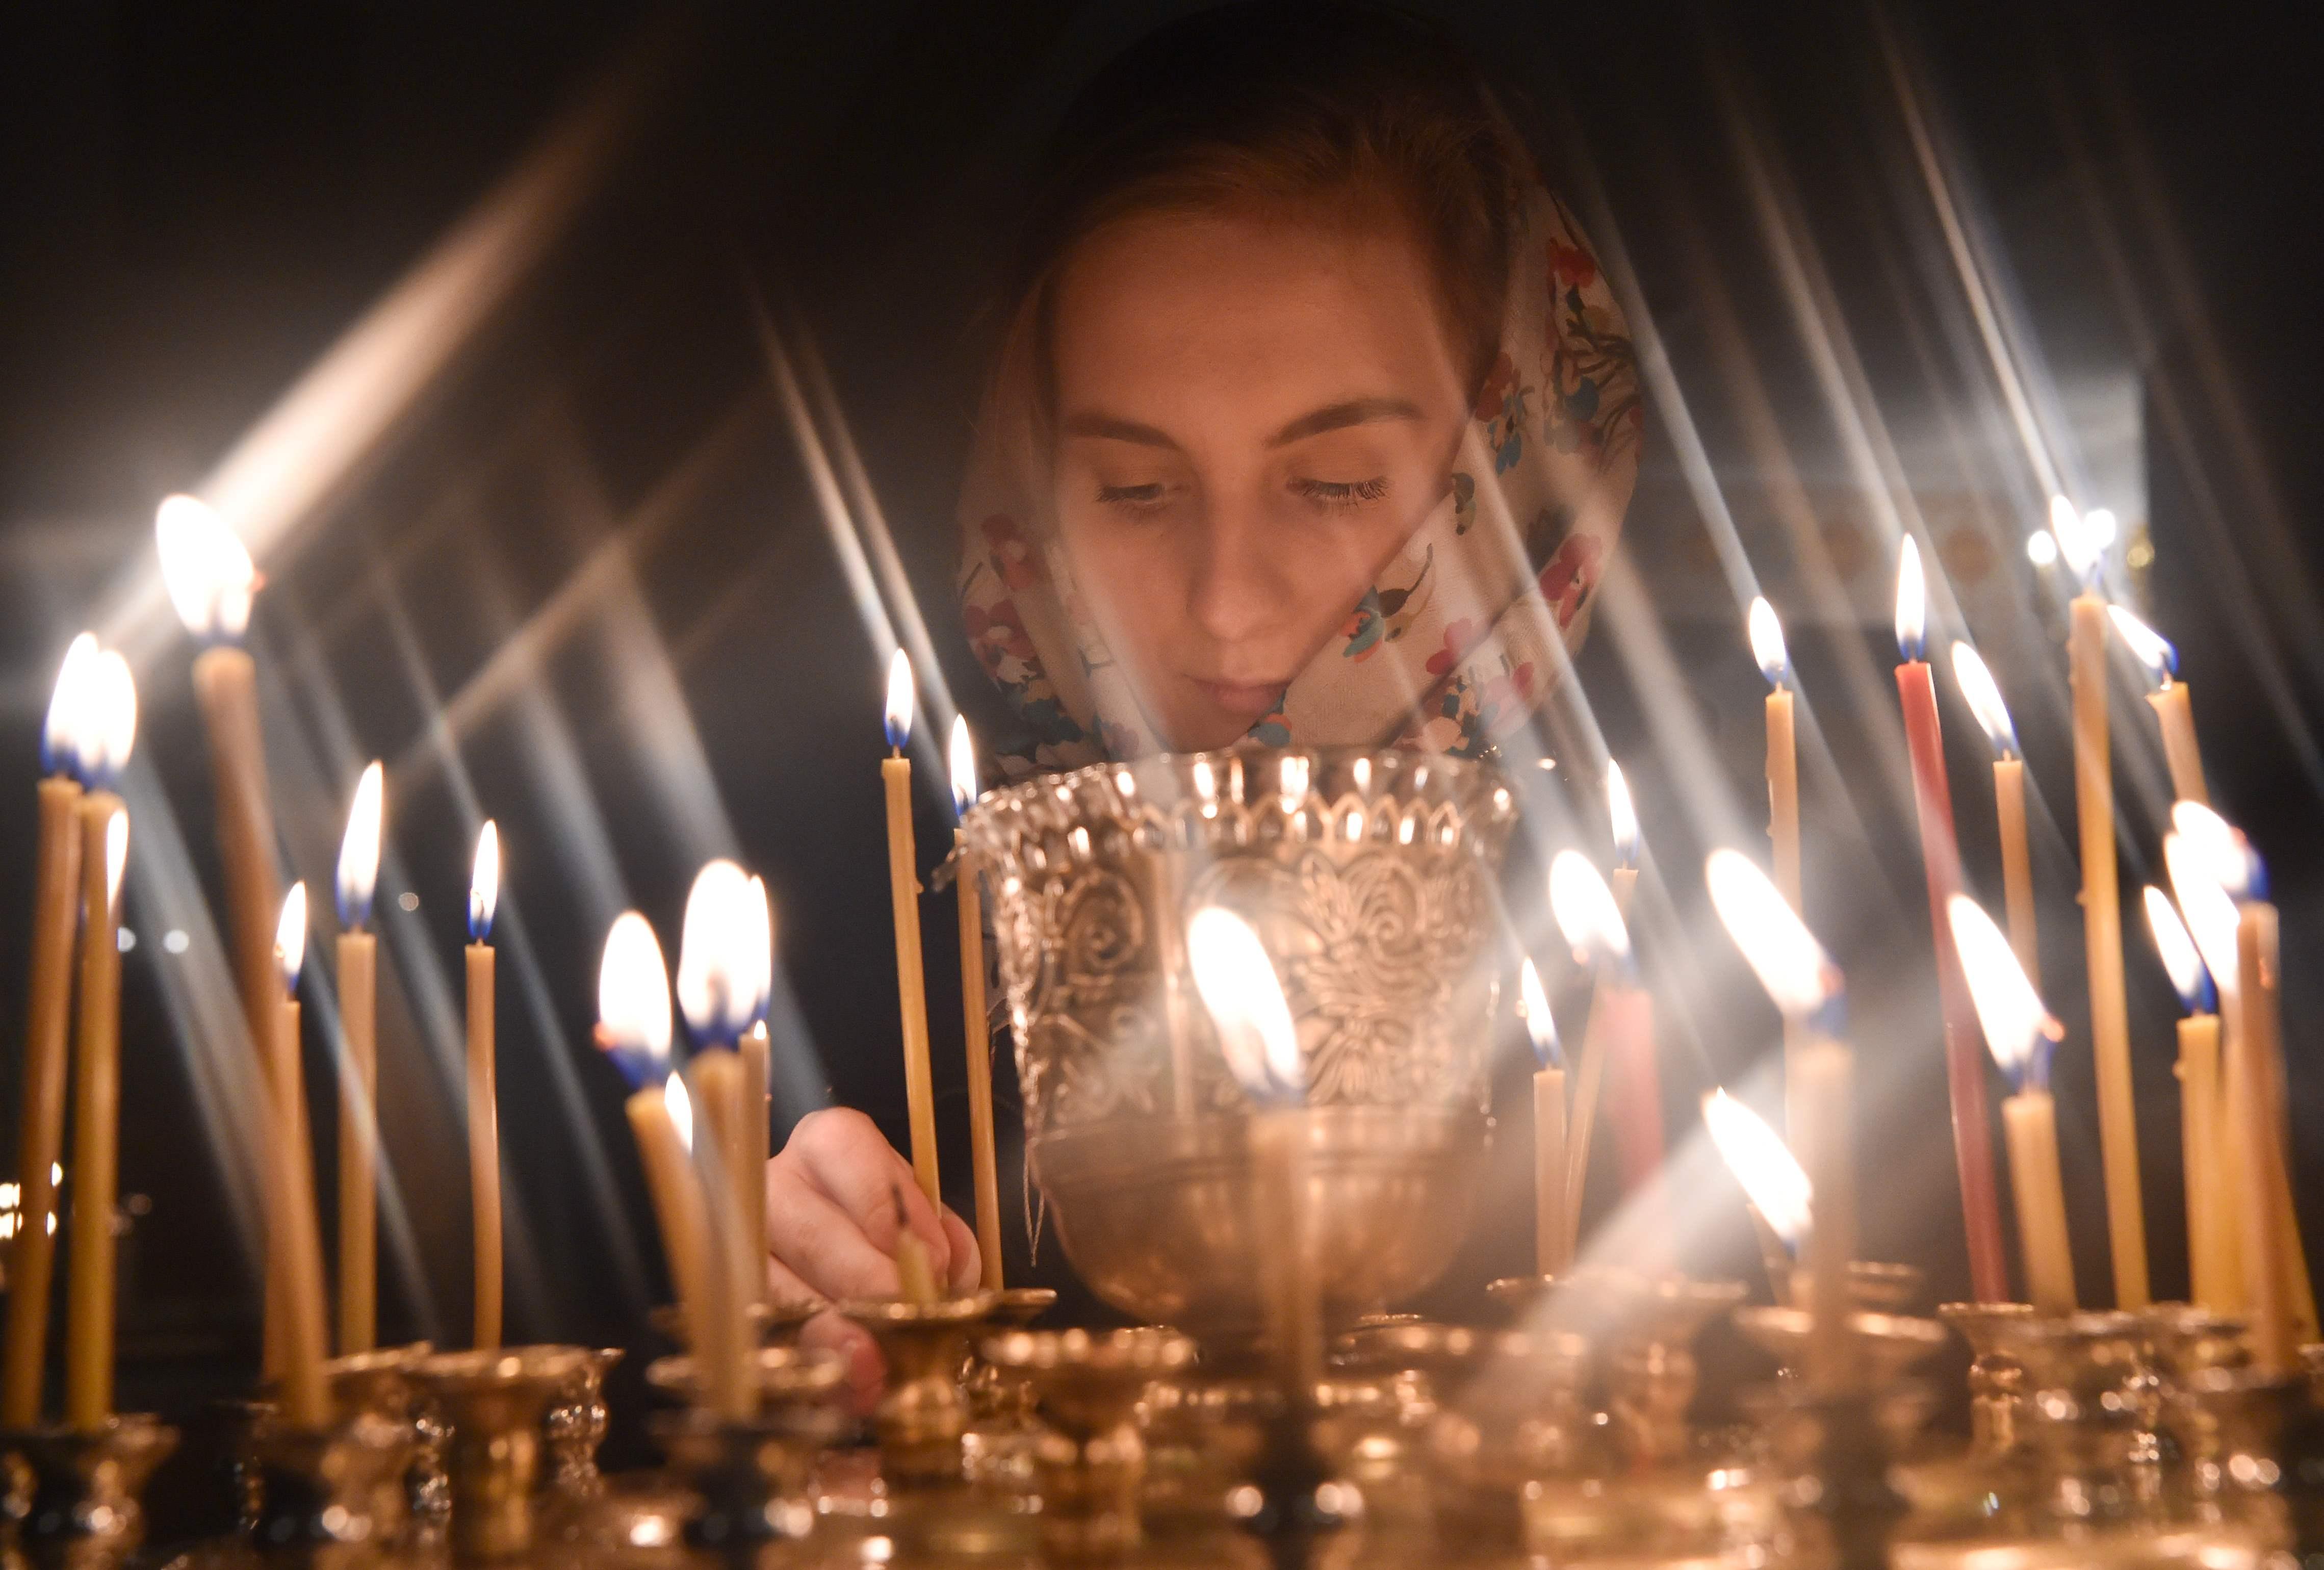 اشعال الشموع خلال احتفالات عيد الفصح فى روسيا